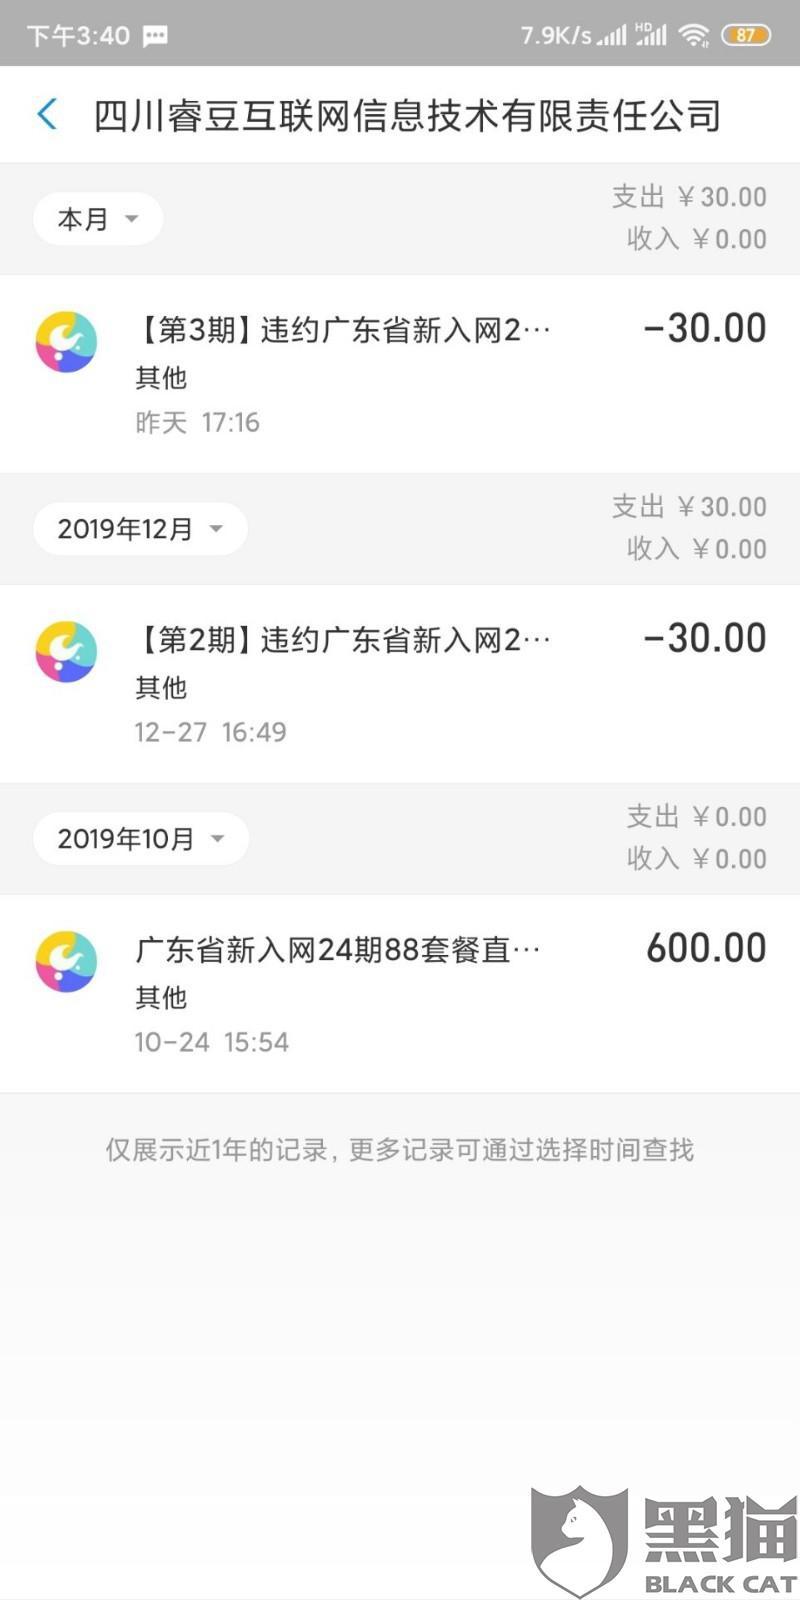 黑猫投诉:四川睿豆互联网信息技术有限责任公司与移动